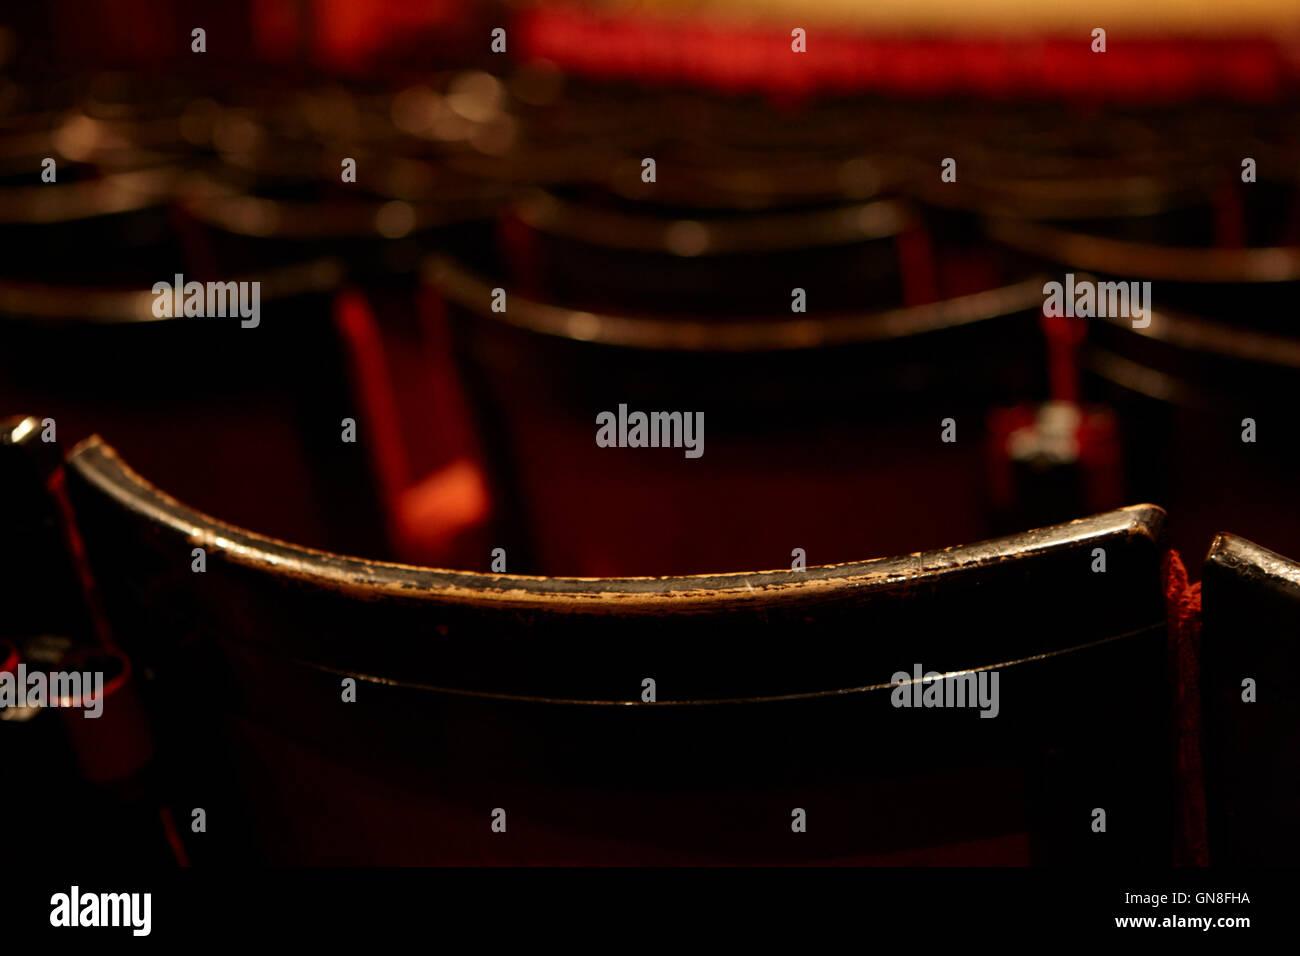 sichert der abgenutzten Sitzreihe in den Ställen eines ehemaligen Theaters Stil Stockbild